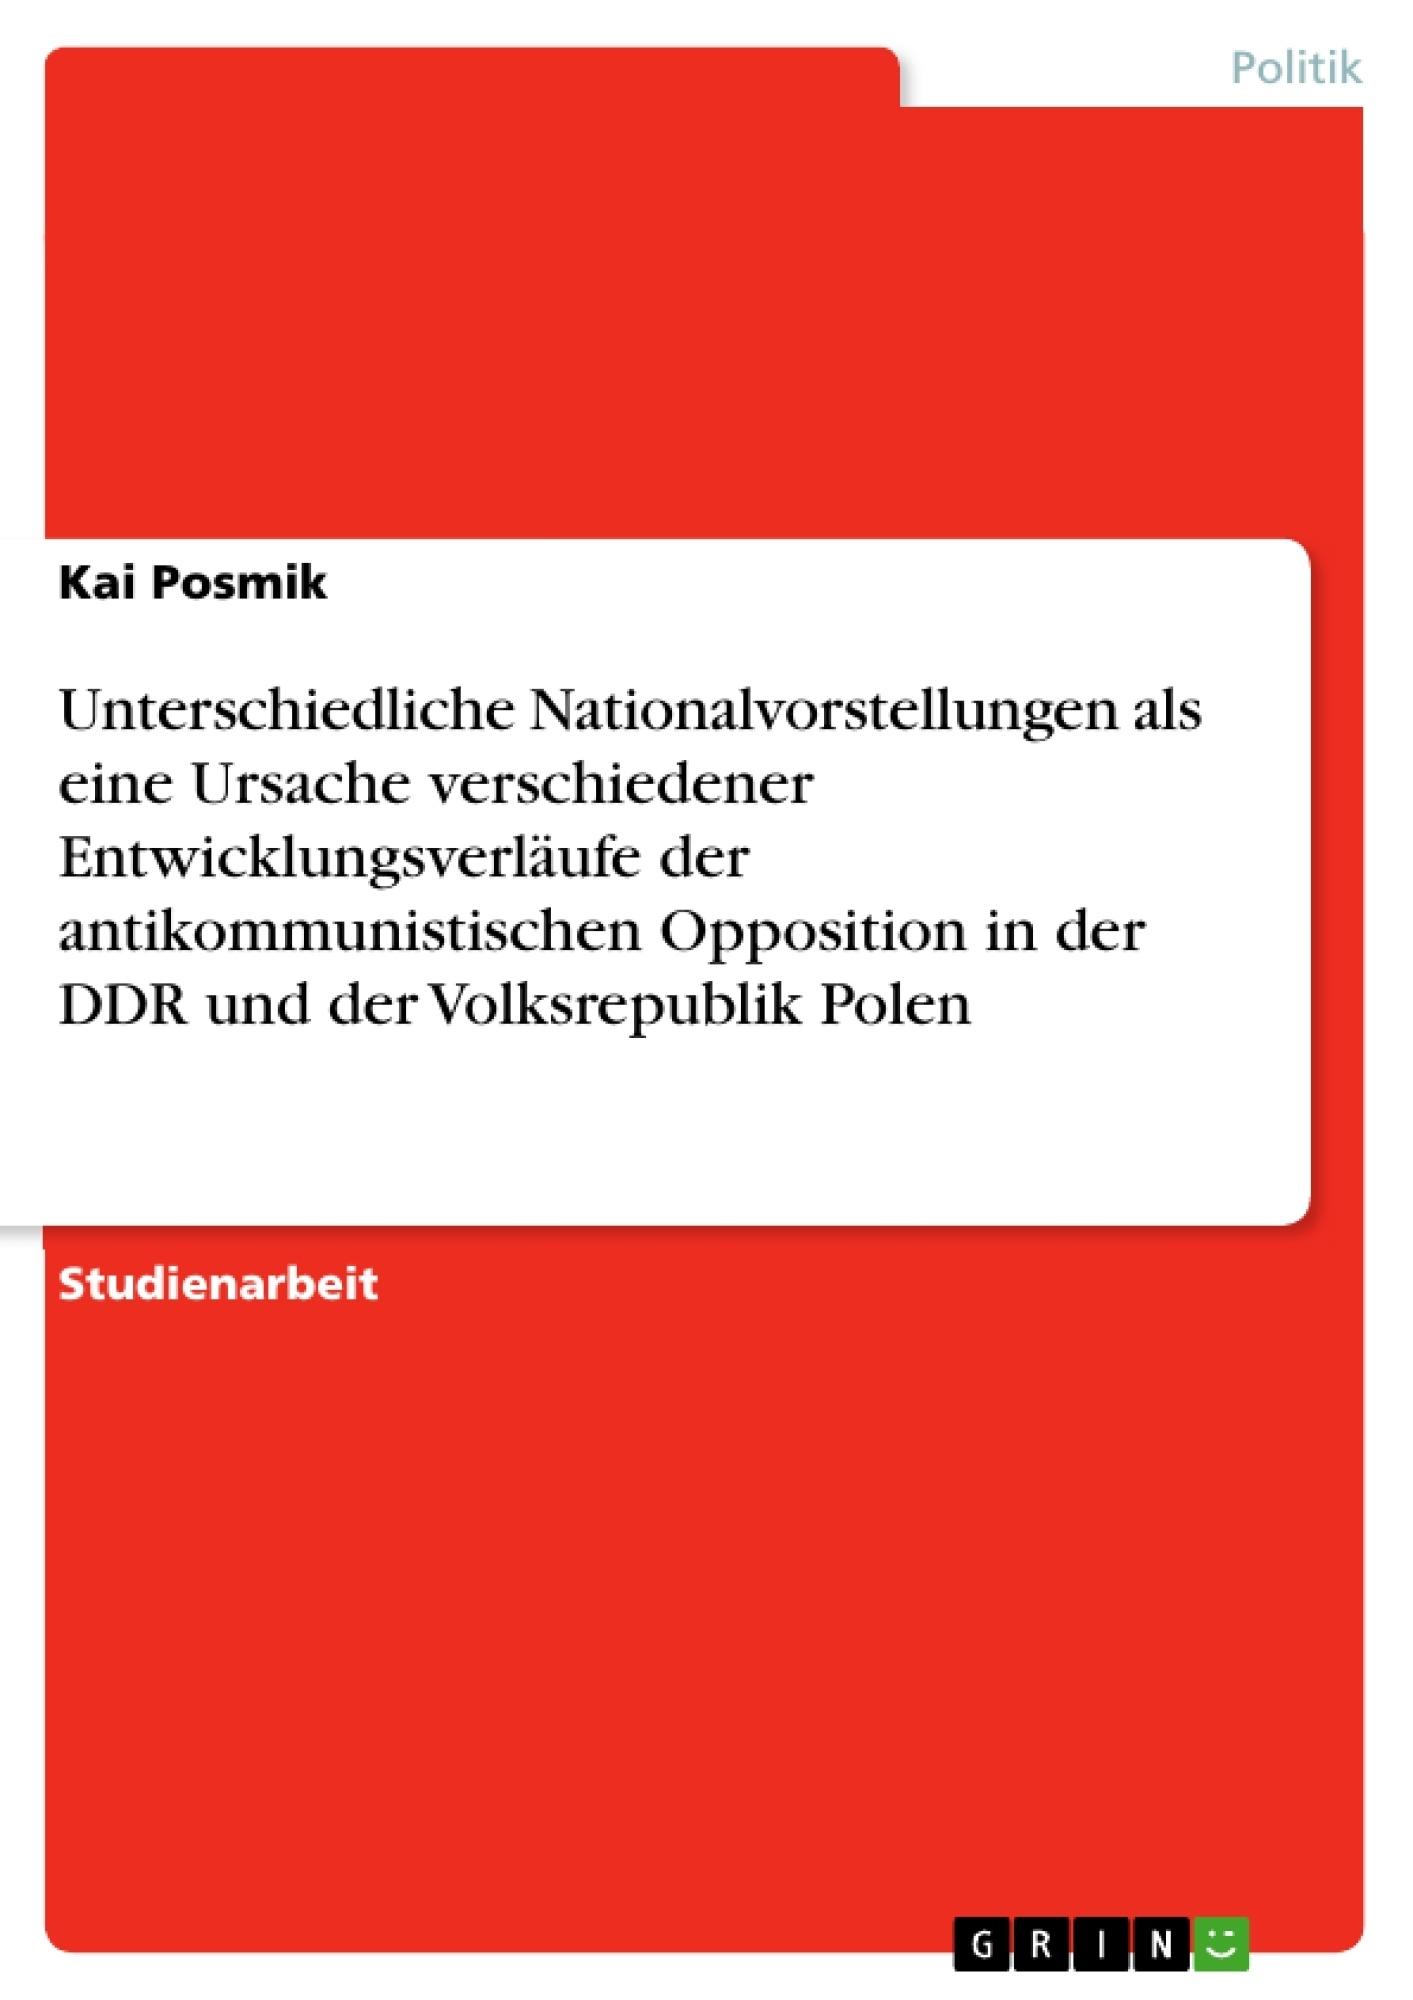 Titel: Unterschiedliche Nationalvorstellungen als eine Ursache verschiedener Entwicklungsverläufe der antikommunistischen Opposition in der DDR und der Volksrepublik Polen